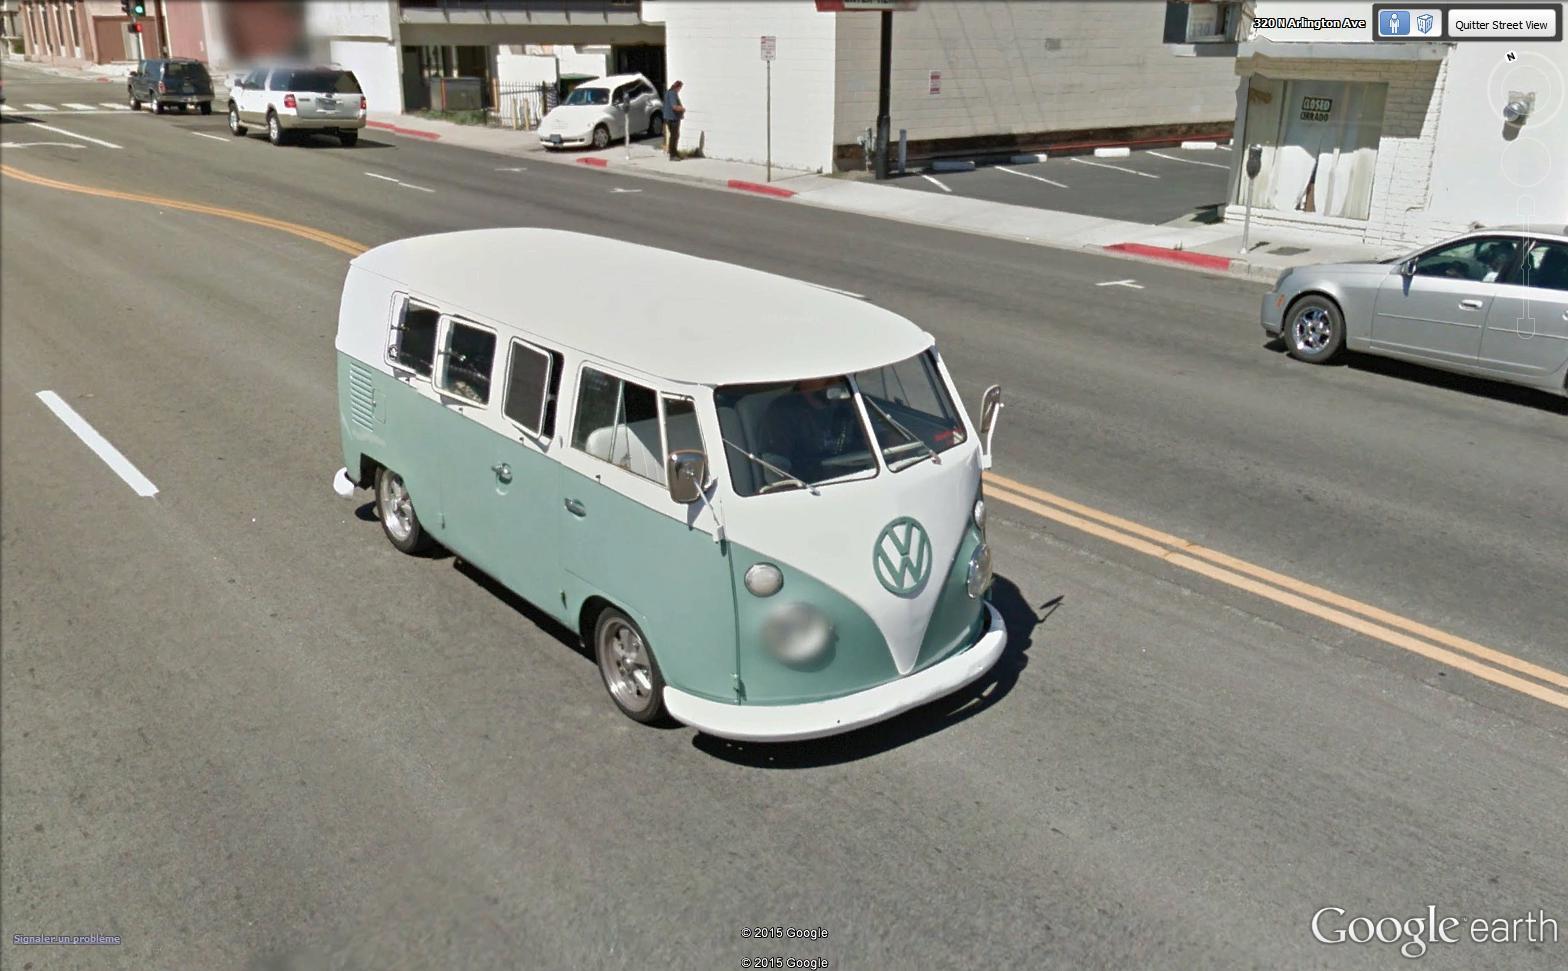 Les recherches automobiles de Zanza : Volkswagen T1 Split - Page 2 Vw_t110